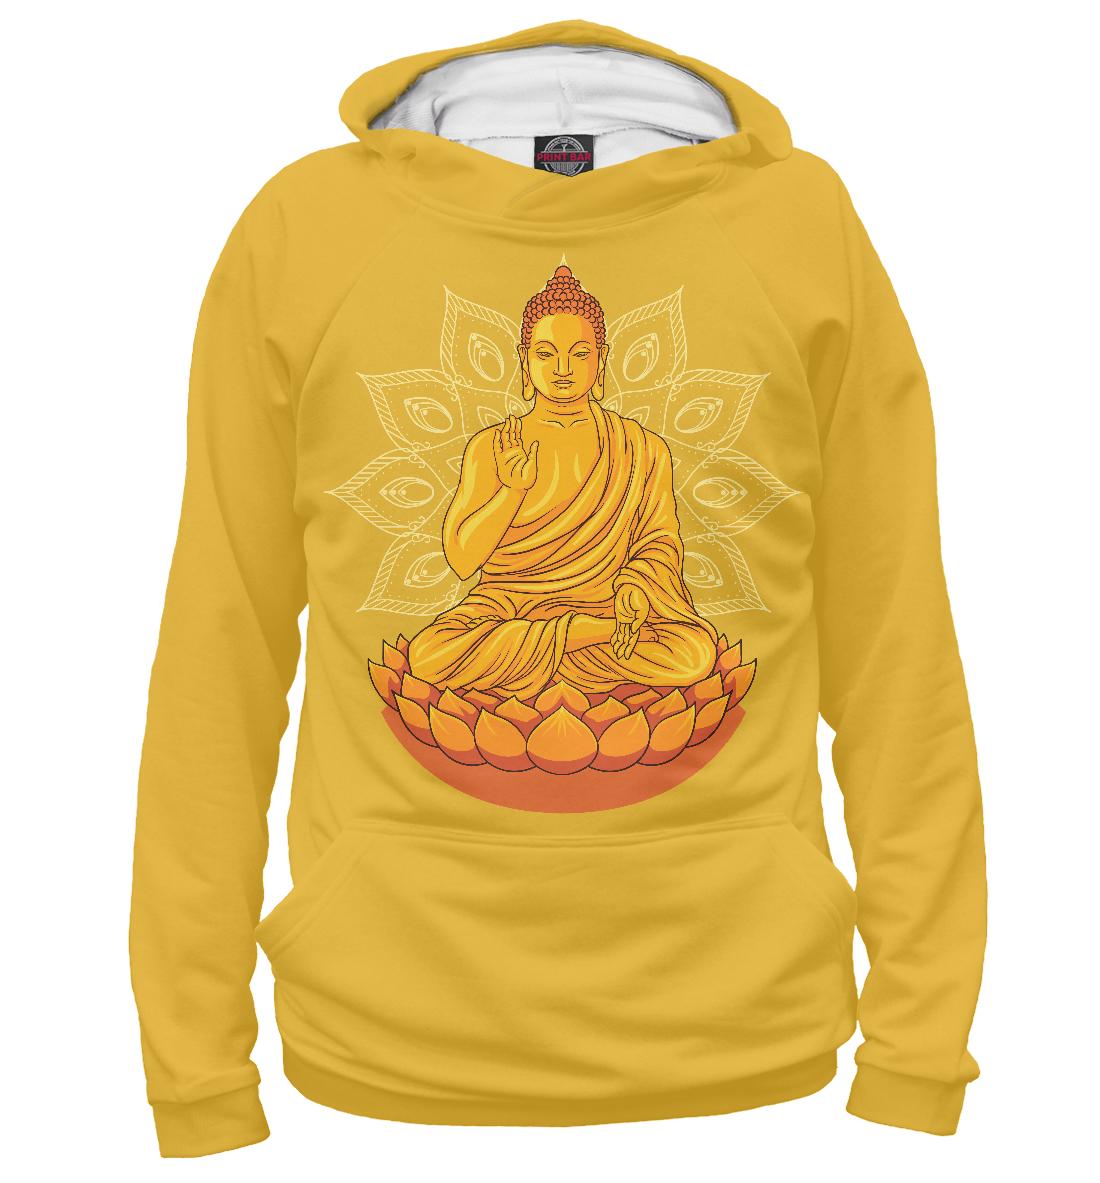 Купить Золотой Будда с мандалой и лотосом, Printbar, Худи, PSY-836428-hud-2